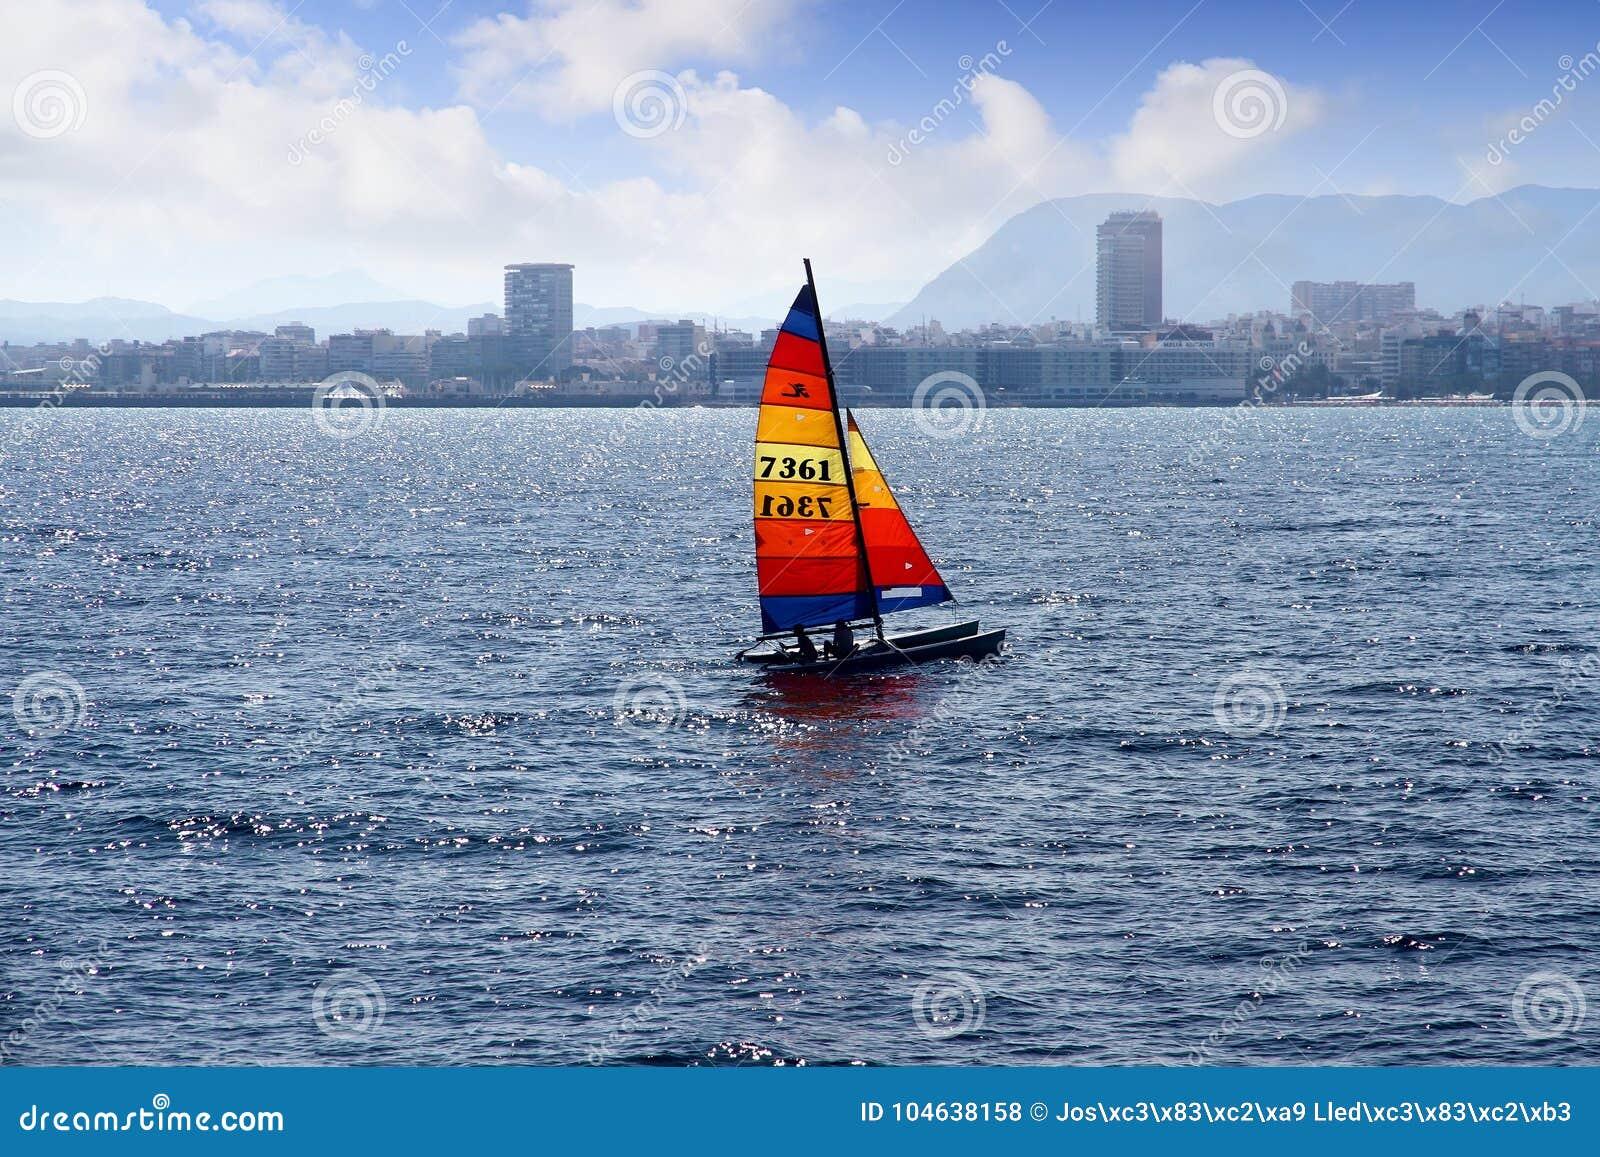 Download Gekleurde Zeil Hobbycat Catamaran Dicht Bij De Stad Van Alicante Redactionele Stock Foto - Afbeelding bestaande uit recreatief, langs: 104638158